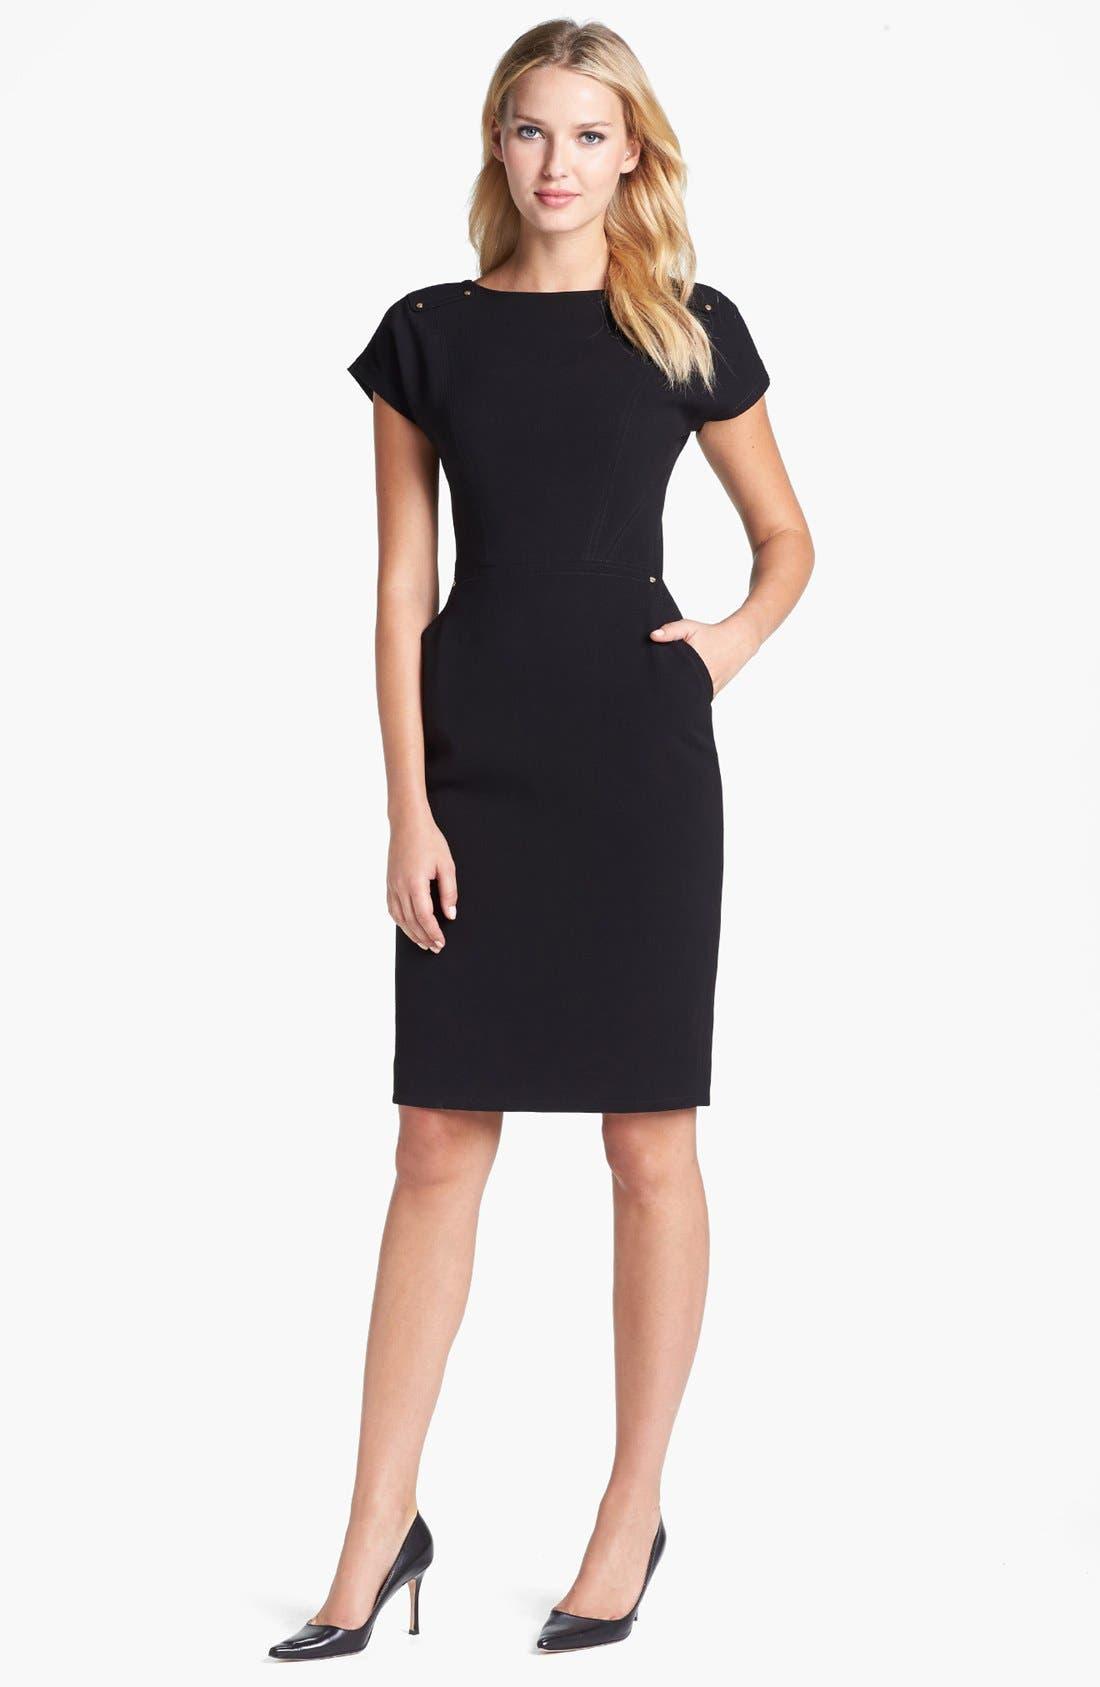 Alternate Image 1 Selected - Rachel Roy Stud Detail Scoop Back Sheath Dress